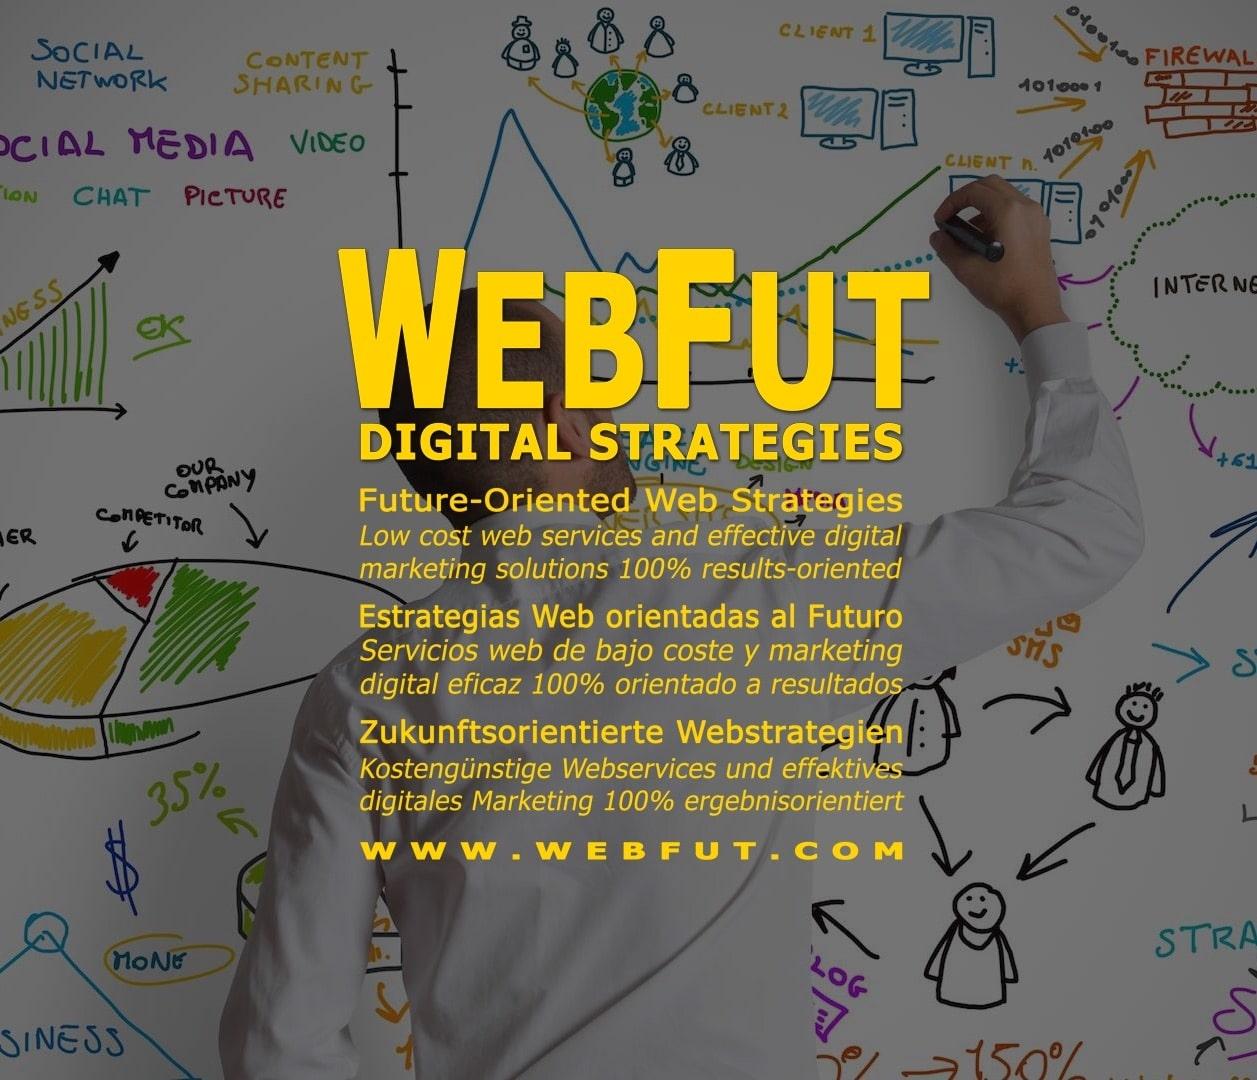 Web Fut